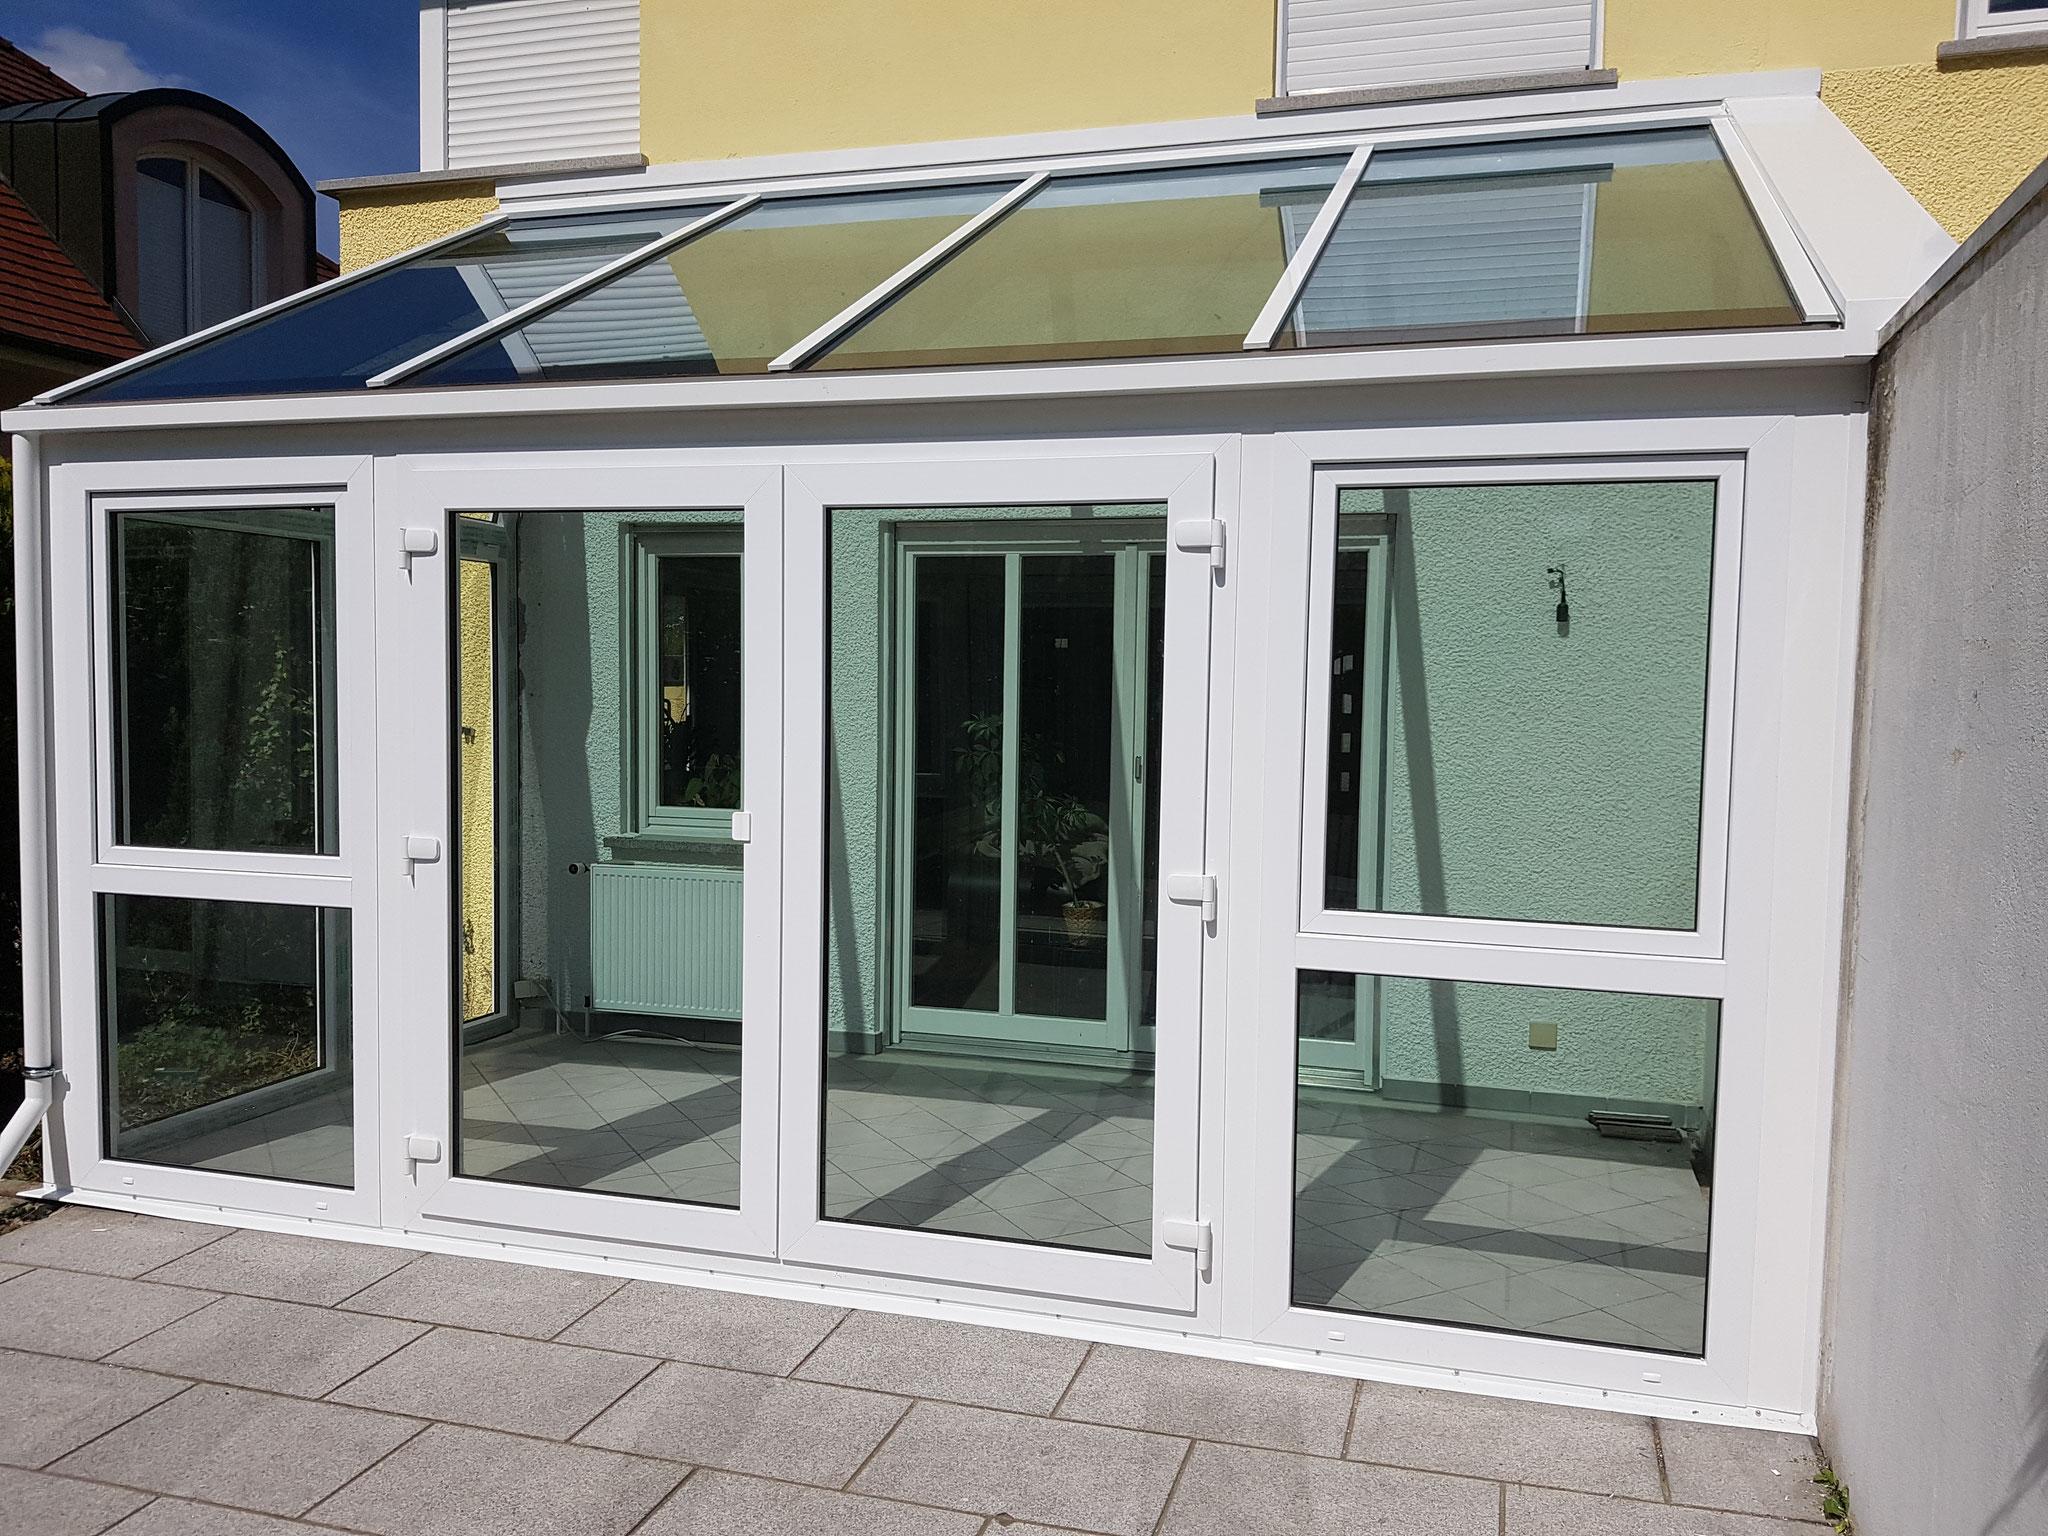 Sanierter Wintergarten mit neuem Glasdach. Besonderheit: Das Dachglas ist als Sonnenschutzglas ausgeführt.    Vorteil: keine Wartungskosten